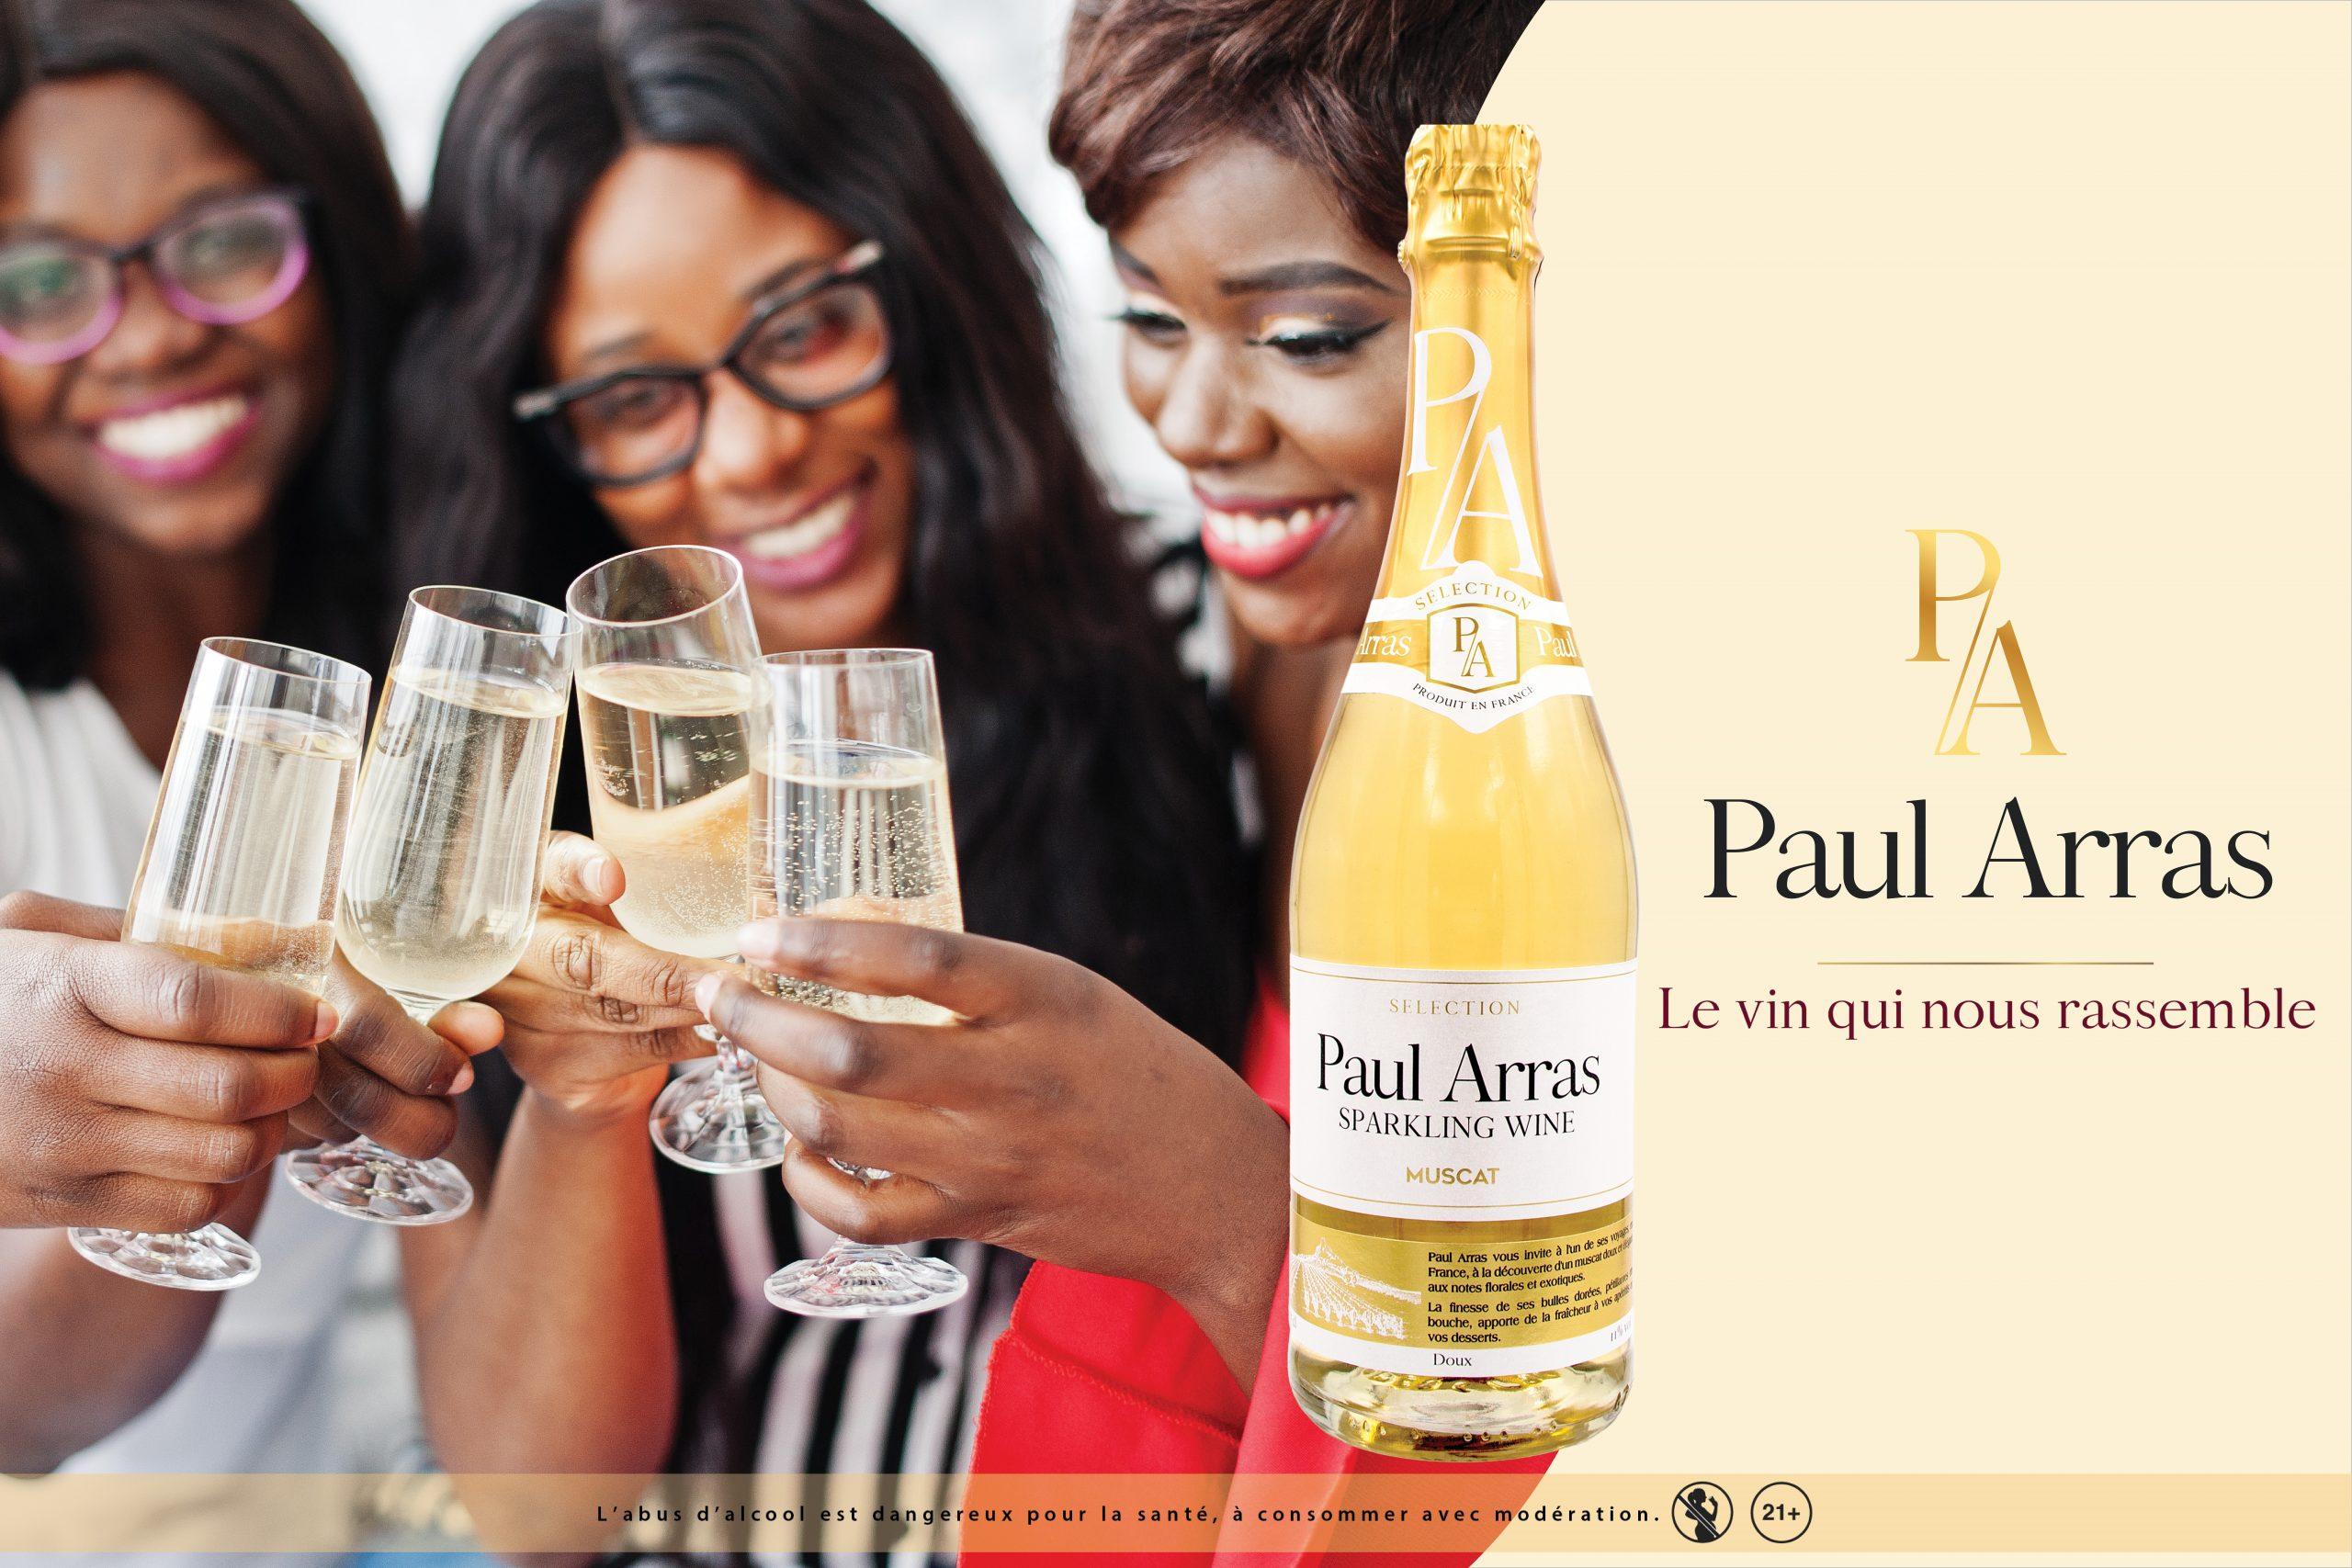 Paul Arras Sparkling Wine